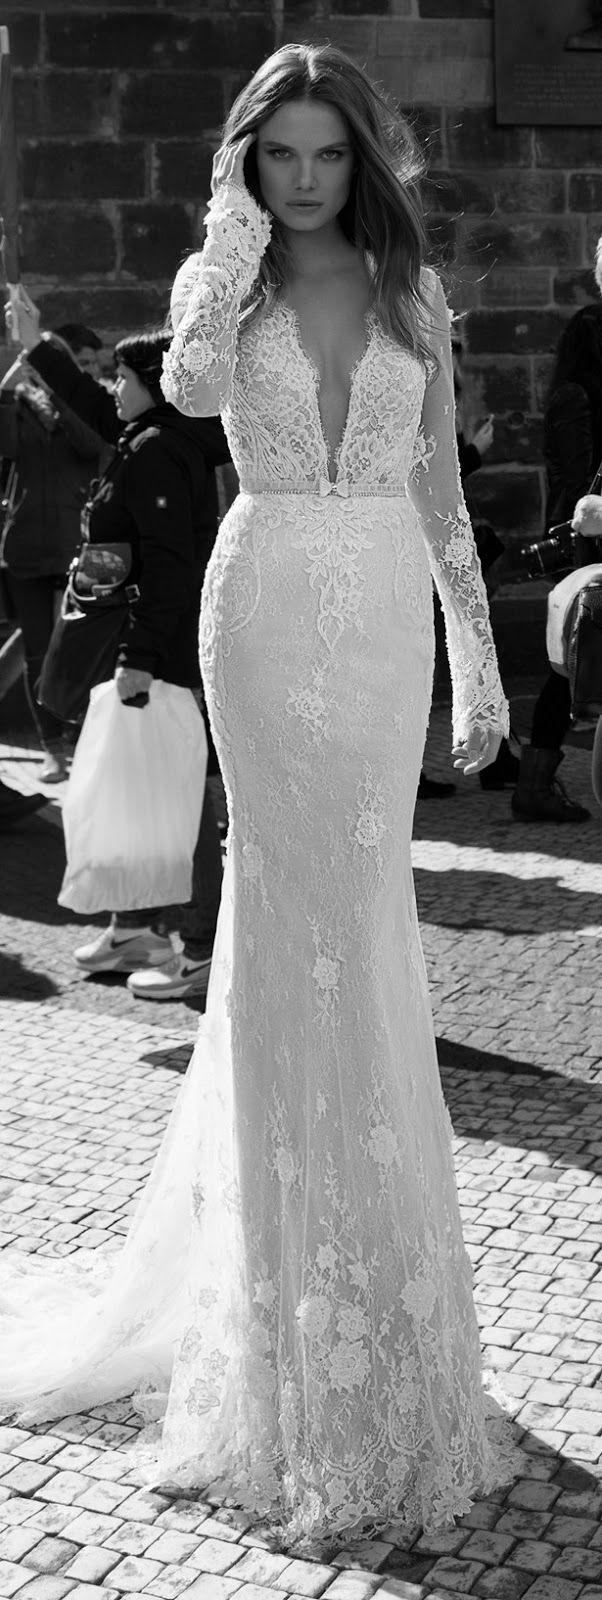 Los mejores vestidos de novias para el invierno moda y belleza